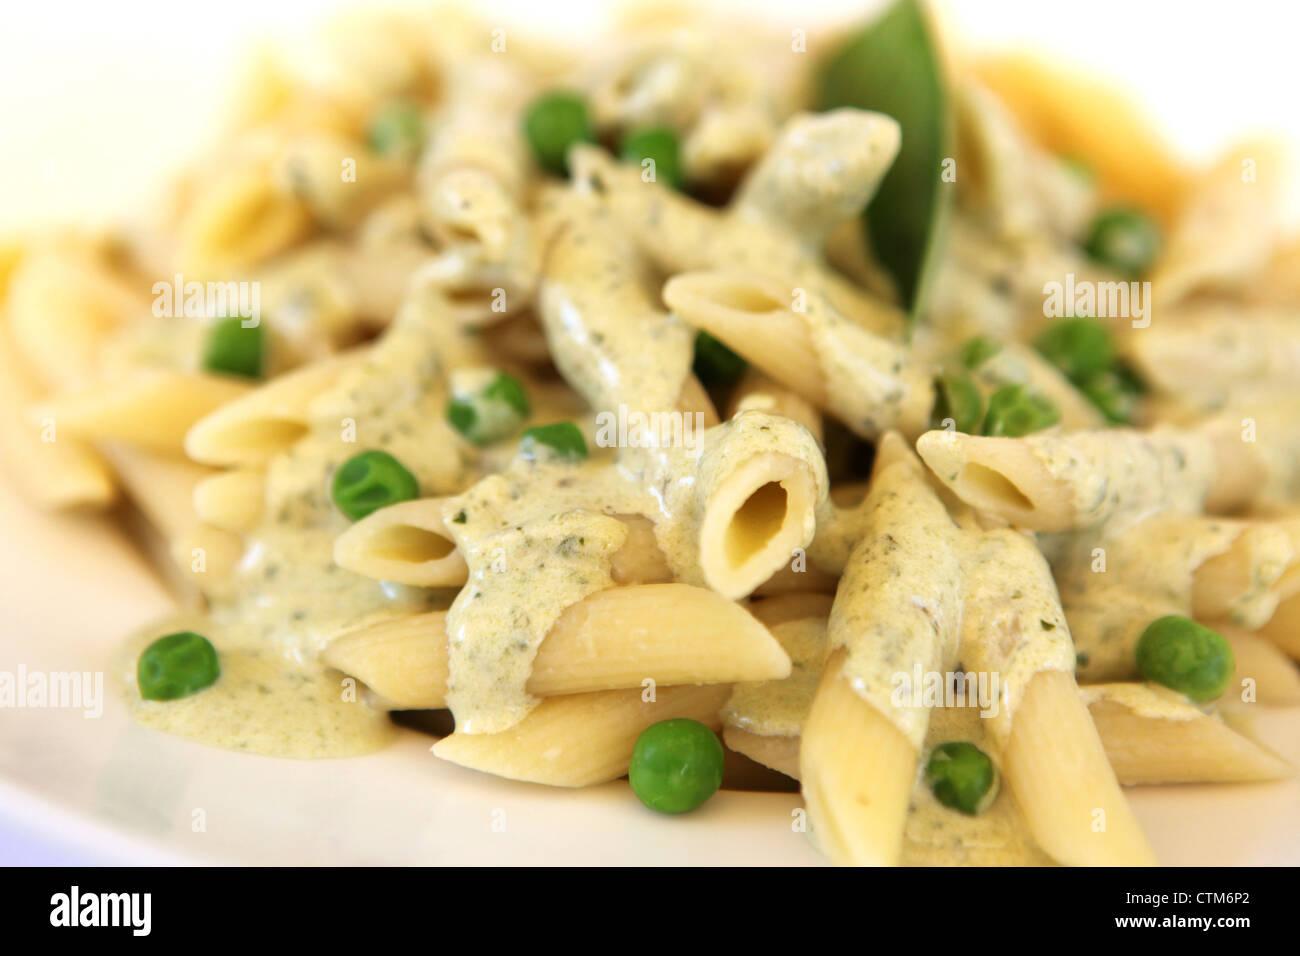 Una porción de pasta penne con hierbas y queso Imagen De Stock